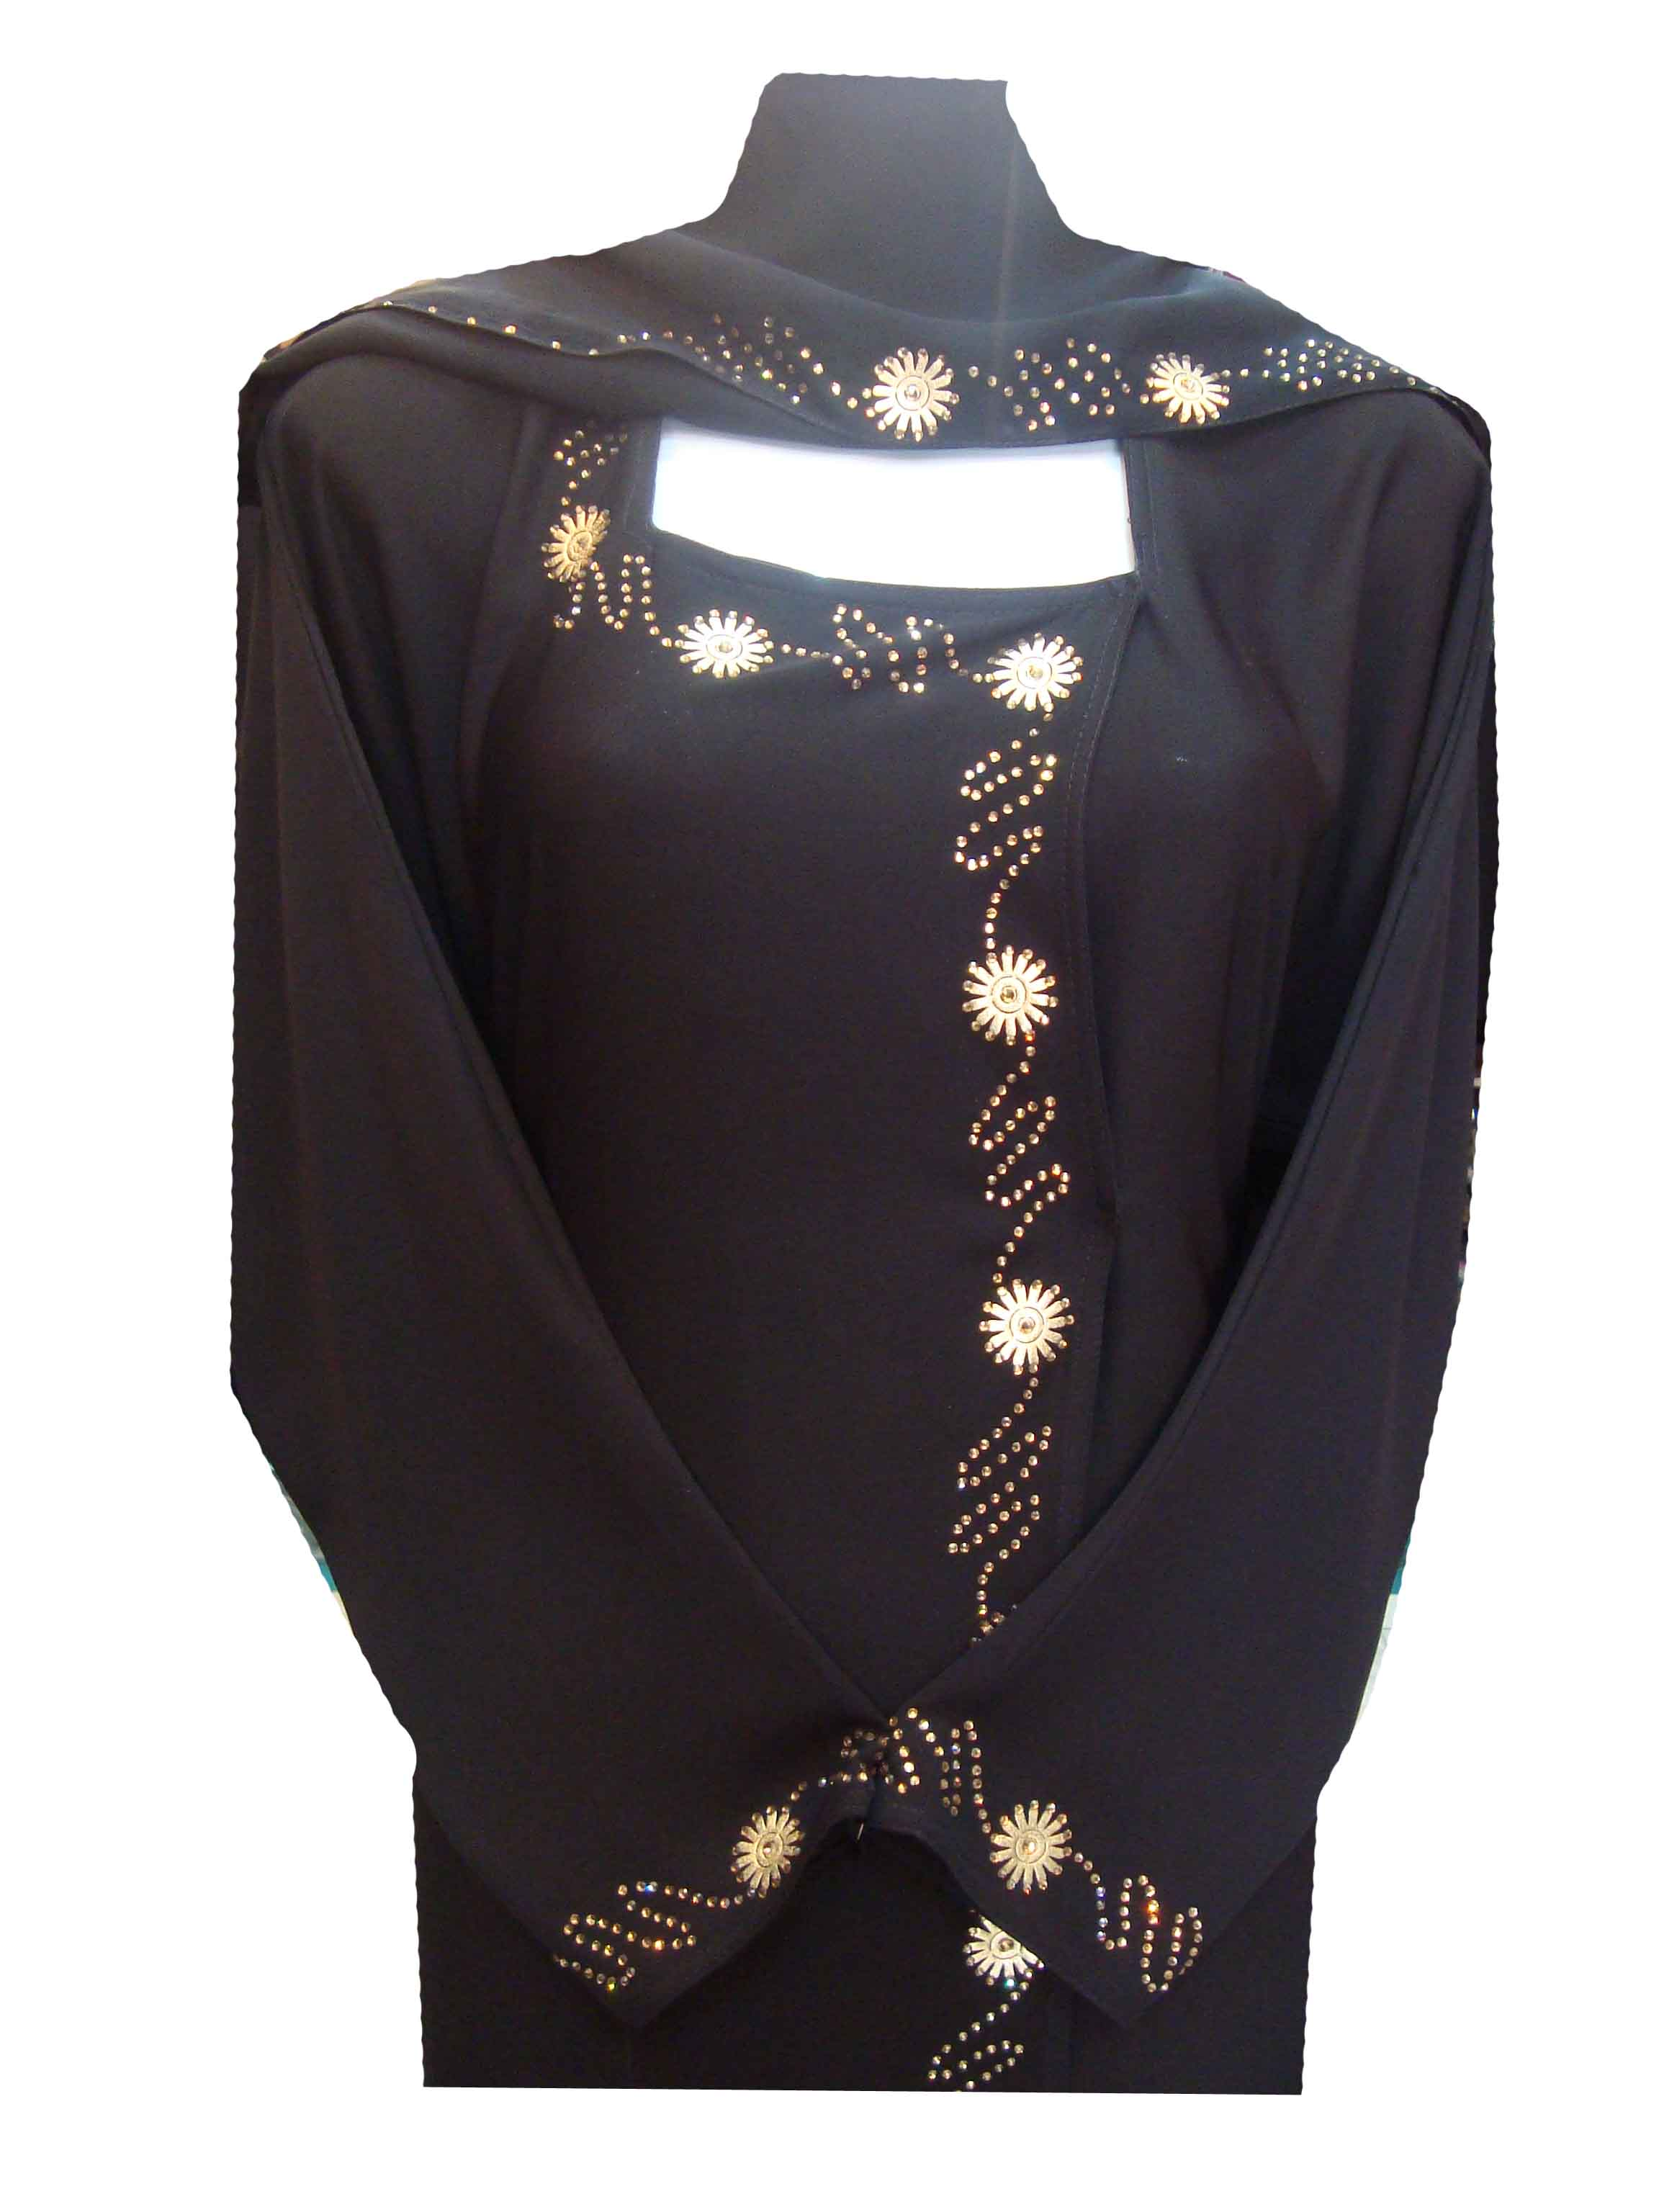 ... abaya abaya 2011 hijab hijab designs jilbab latest abaya fashion